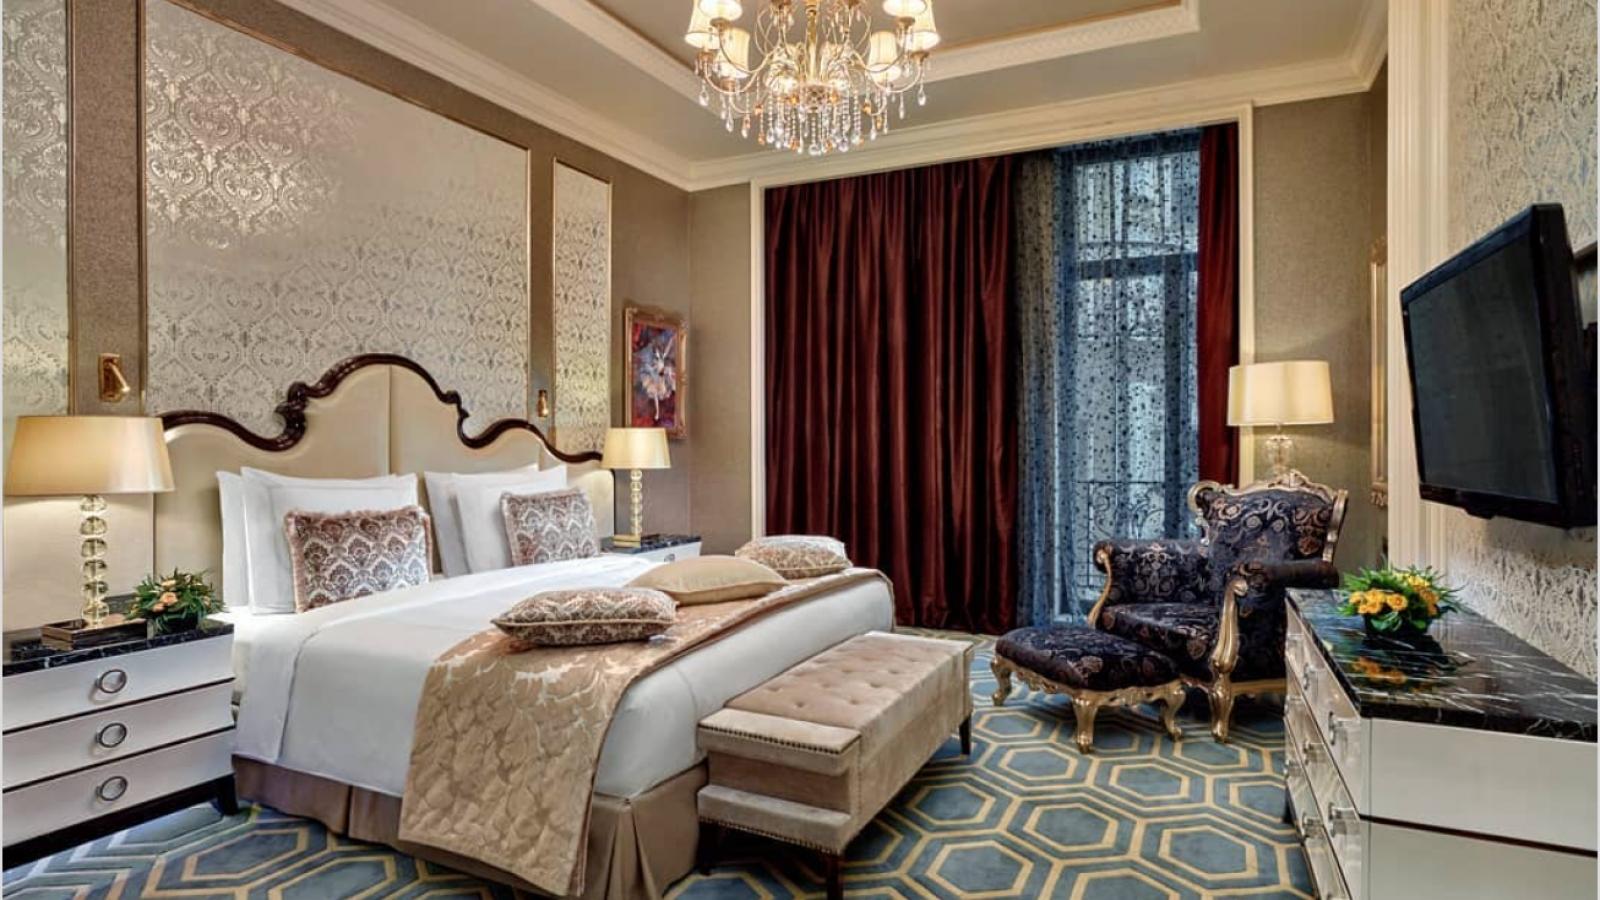 10 mẹo thiết kế nhà đẹp như khách sạn hạng sang